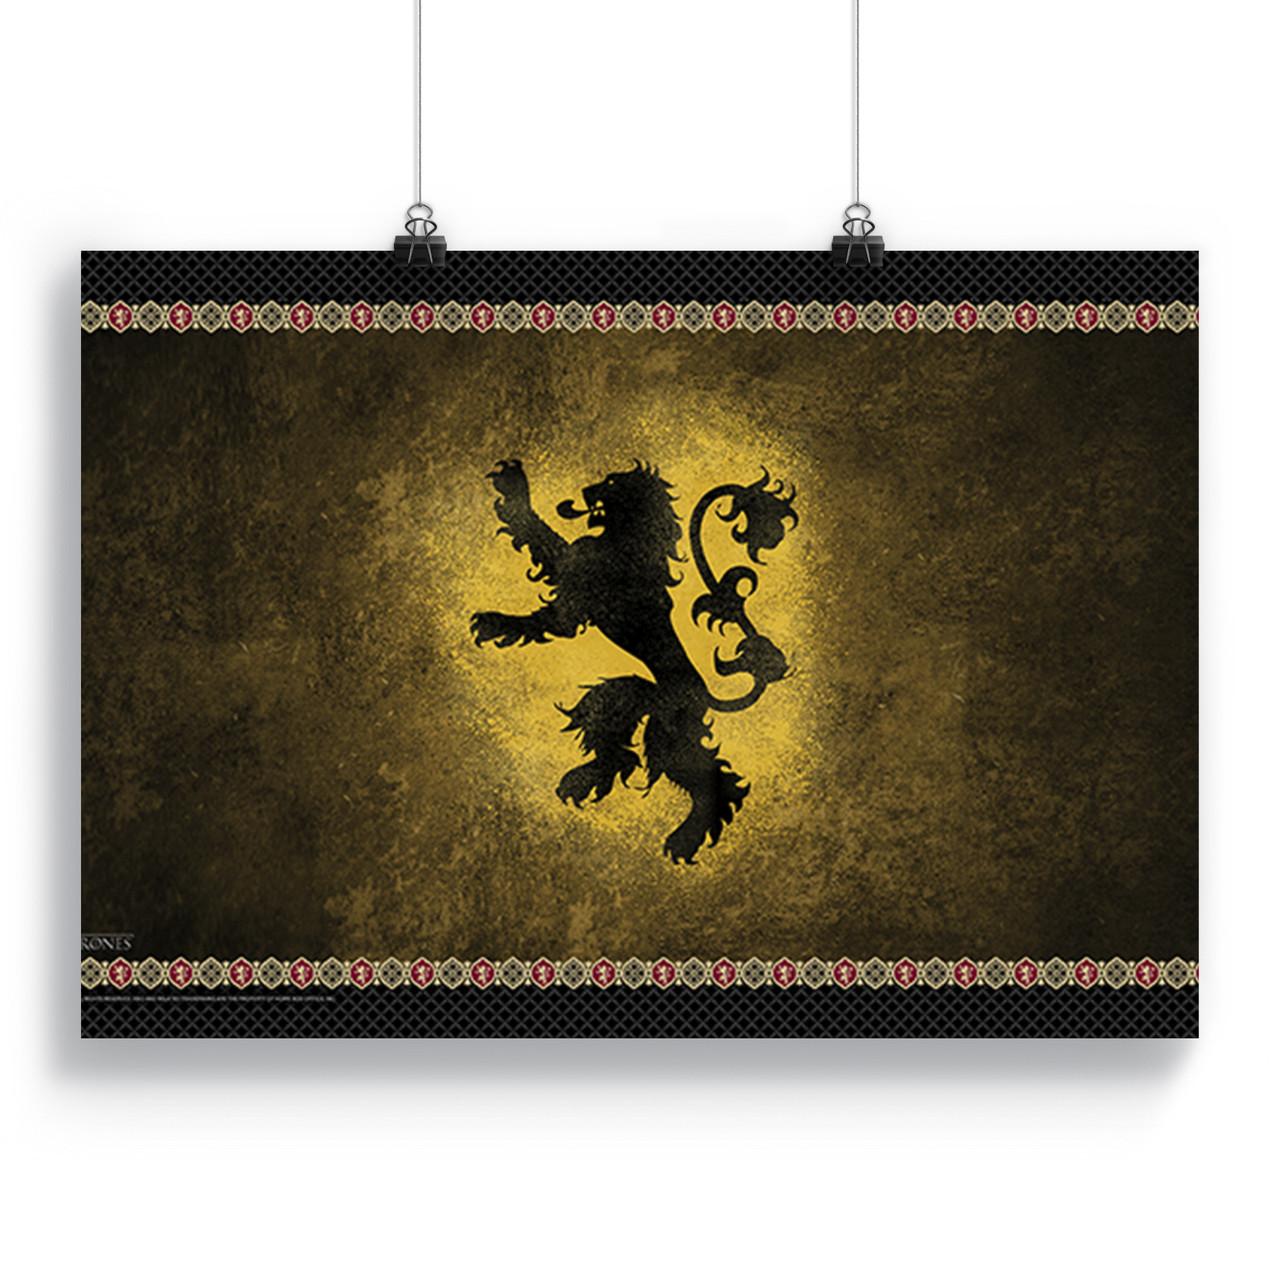 Плакат Гра престолів   Game of Thrones 52